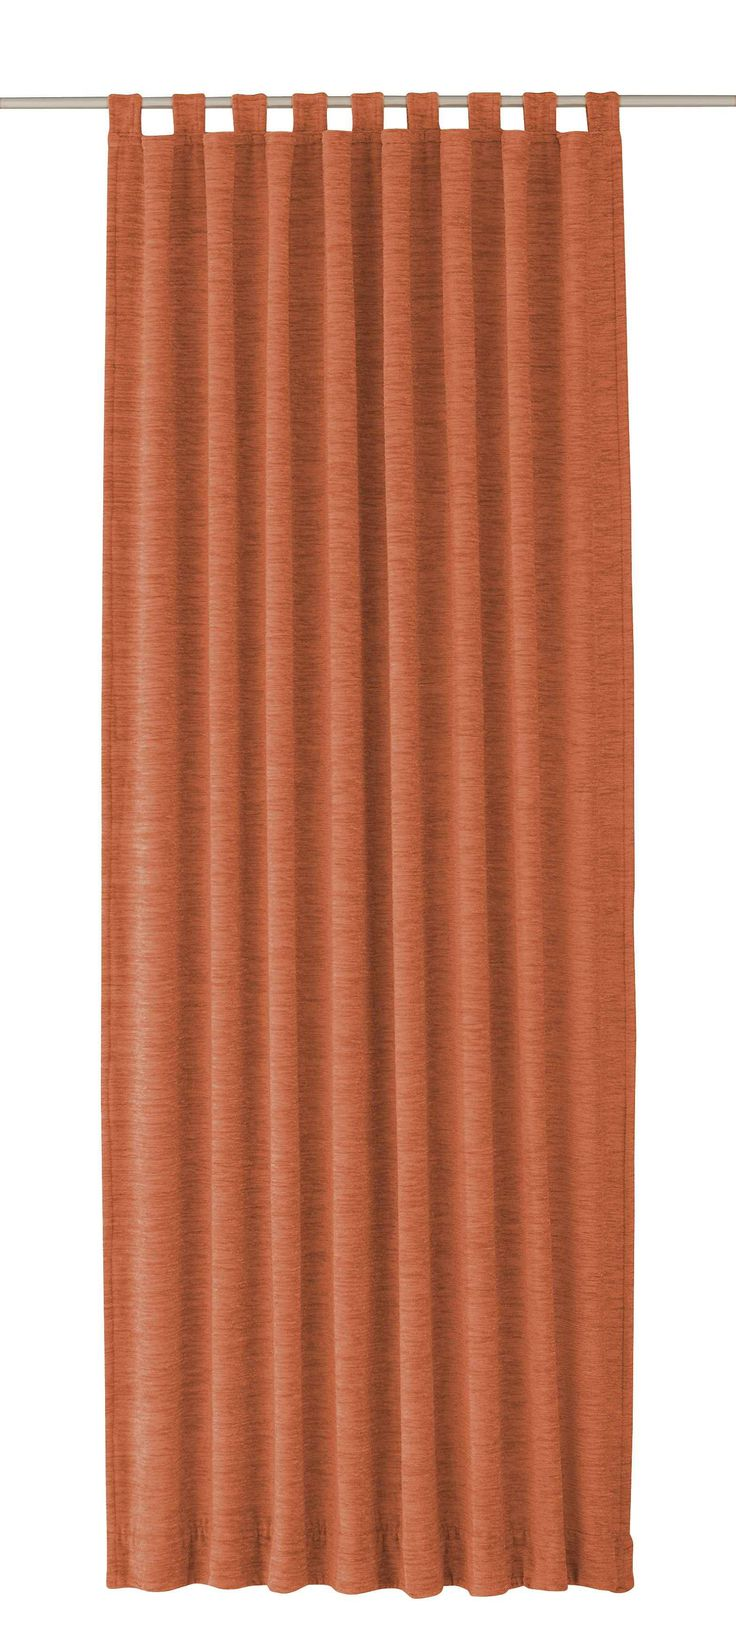 geraumiges gardinen wohnzimmer rot kürzlich bild und aeeadeffacdaed trondheim